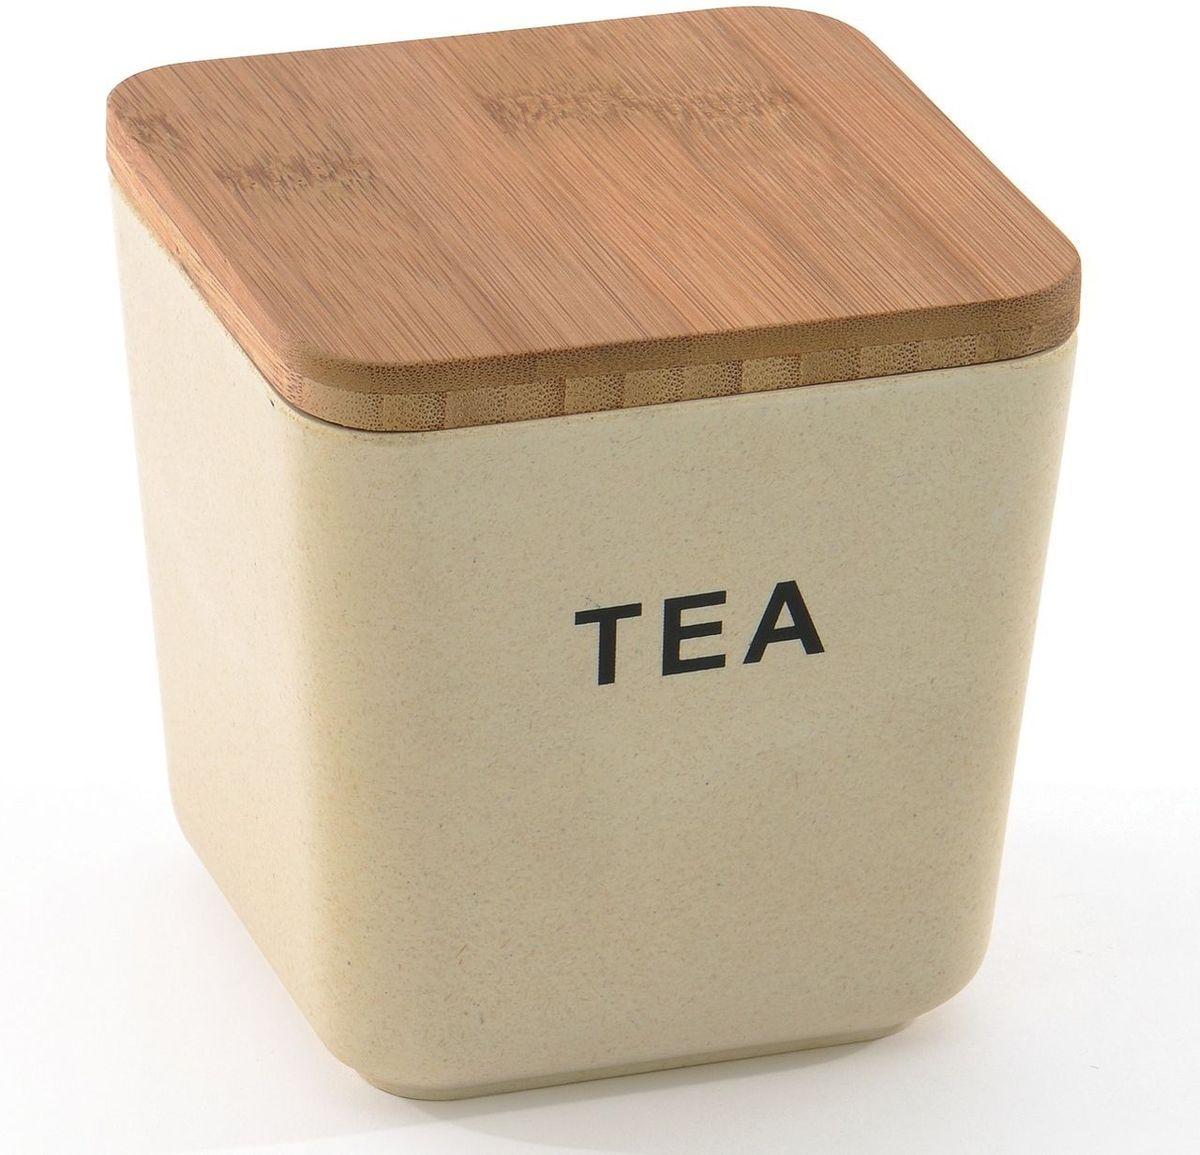 Банка для хранения чая BergHOFF Cook&Co, с крышкой, 900 мл2800053Банка с крышкой BergHOFF Cook&Co– это стильная банка, которая идеально подойдет для хранения чая. Банка имеет квадратную форму и изготовлена из бамбукового волокна и безопасного меламина. Она прочная, стильная и яркая благодаря чему впишется в любой интерьер. Крышка выполнена из бамбука. Банку можно мыть в посудомоечной машине. Благодаря экологическому материалу банка от компании BergHOFF идеально подойдет для хранения любых сыпучих продуктов.